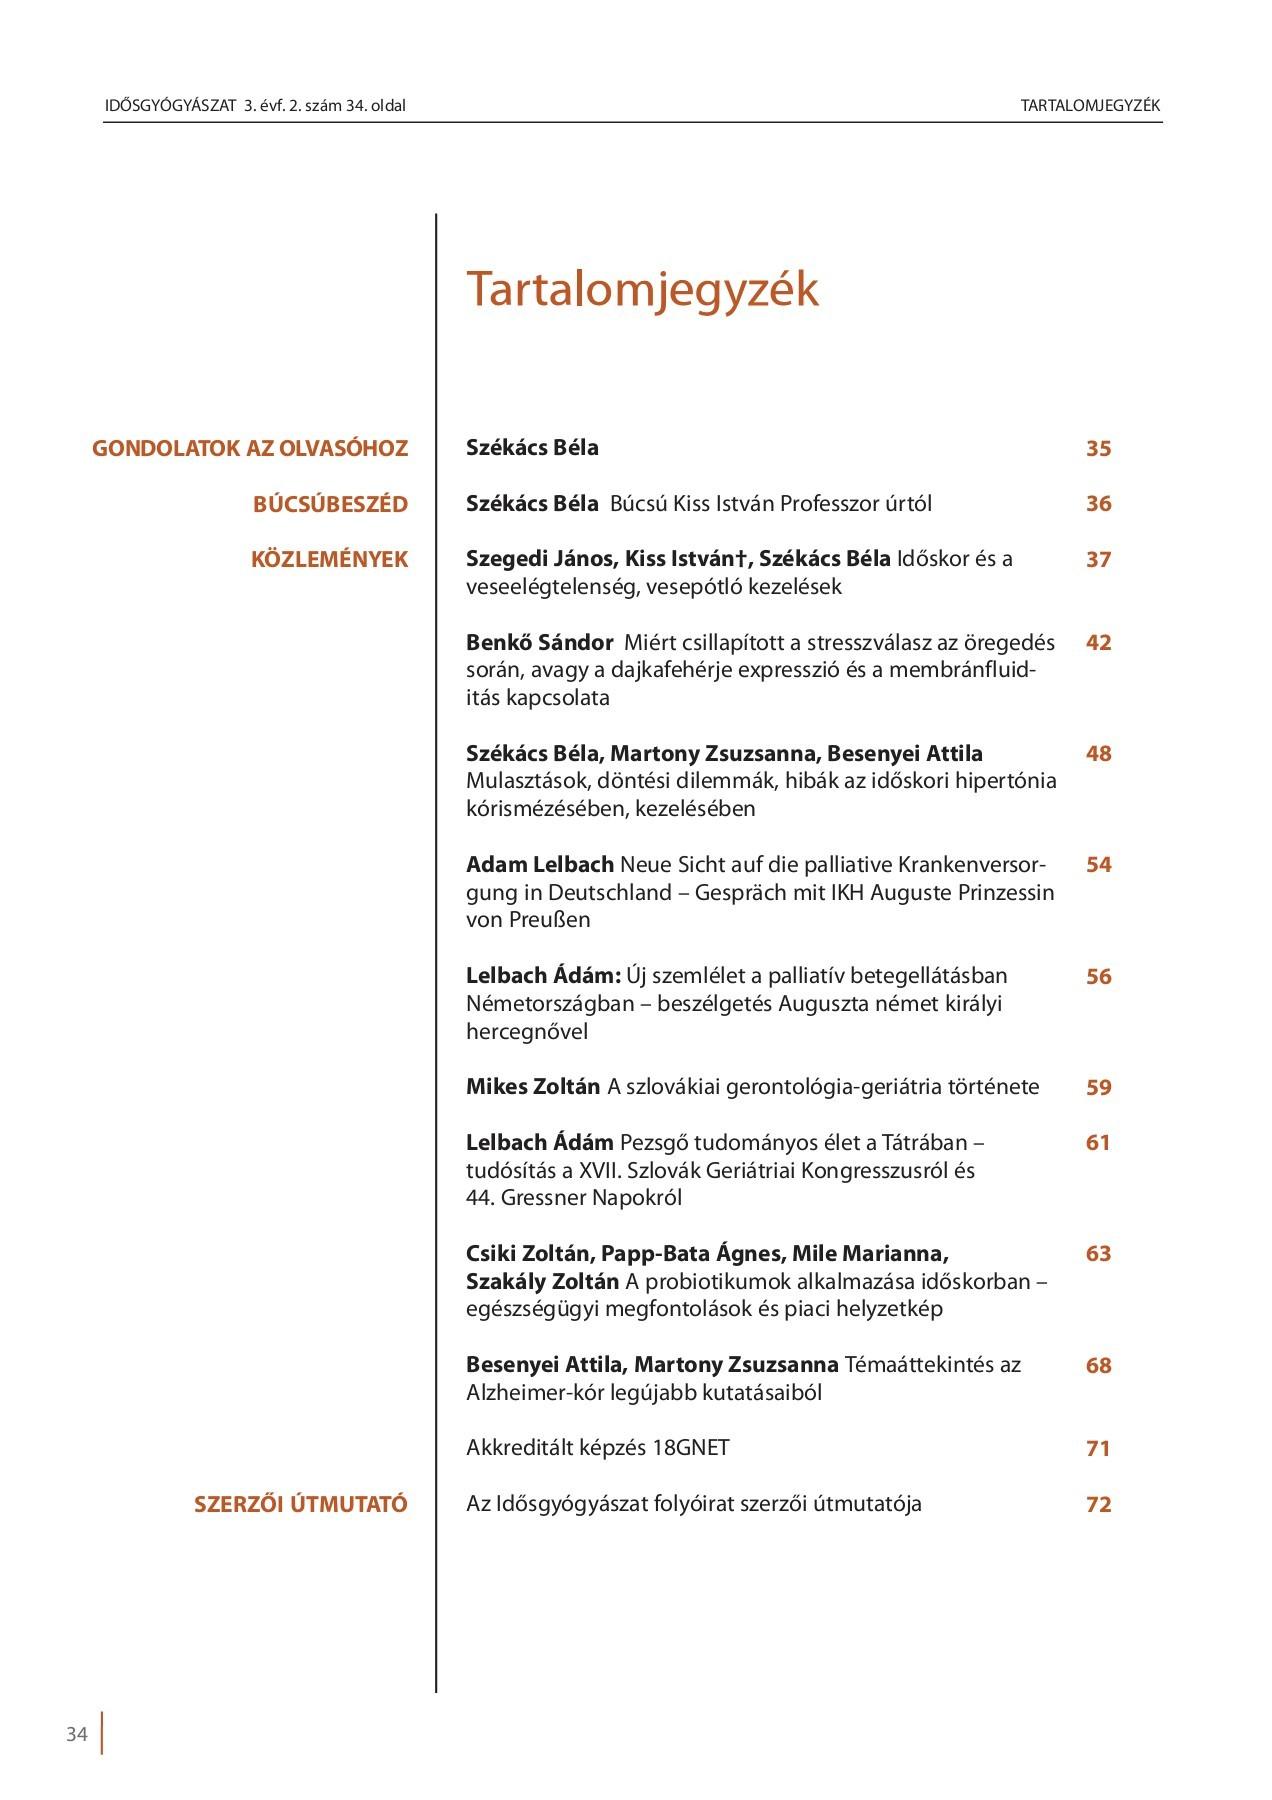 szklerotikus hipertónia)